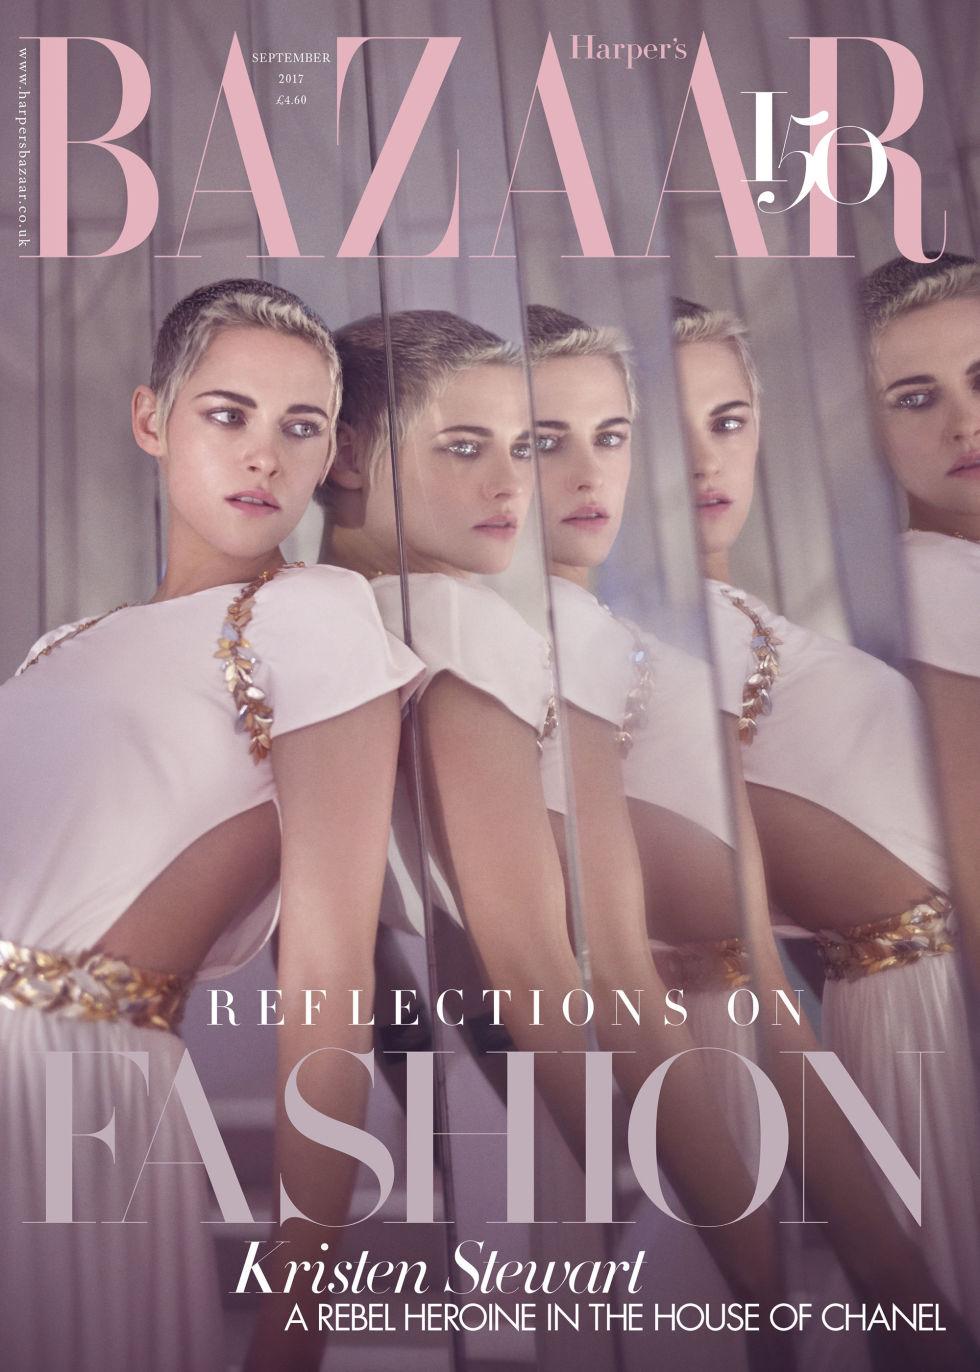 Kristen wears Chanel on the newsstand cover of 'Harper's Bazaar U.K.'